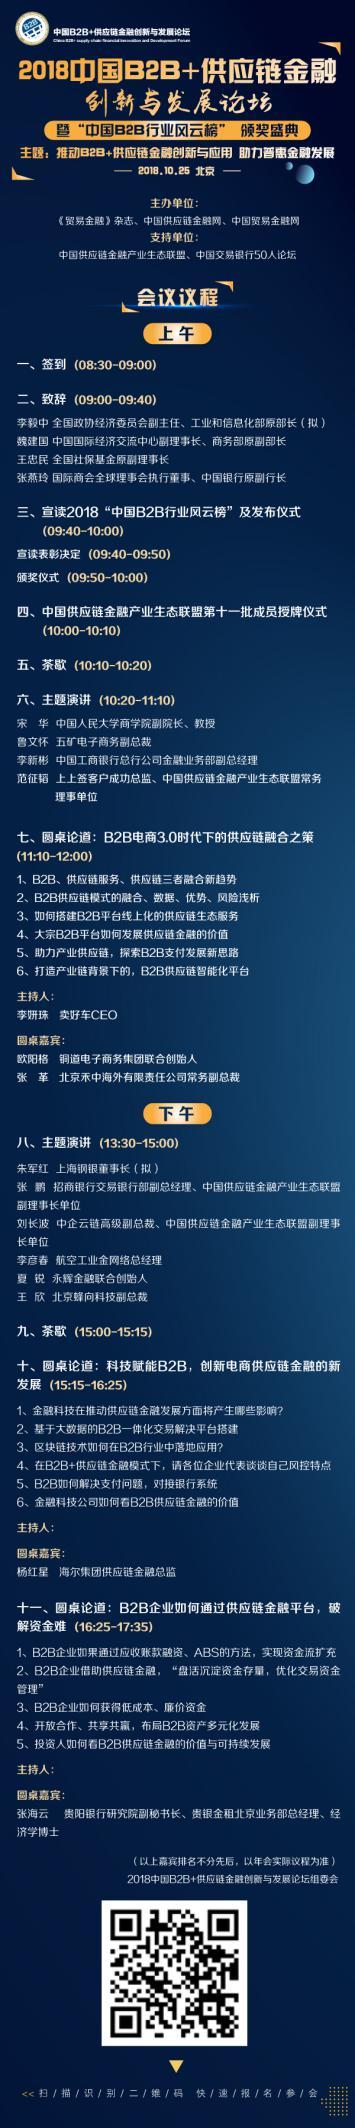 2018中国B2B+供应链金融创新与发展论坛即将亮相北京